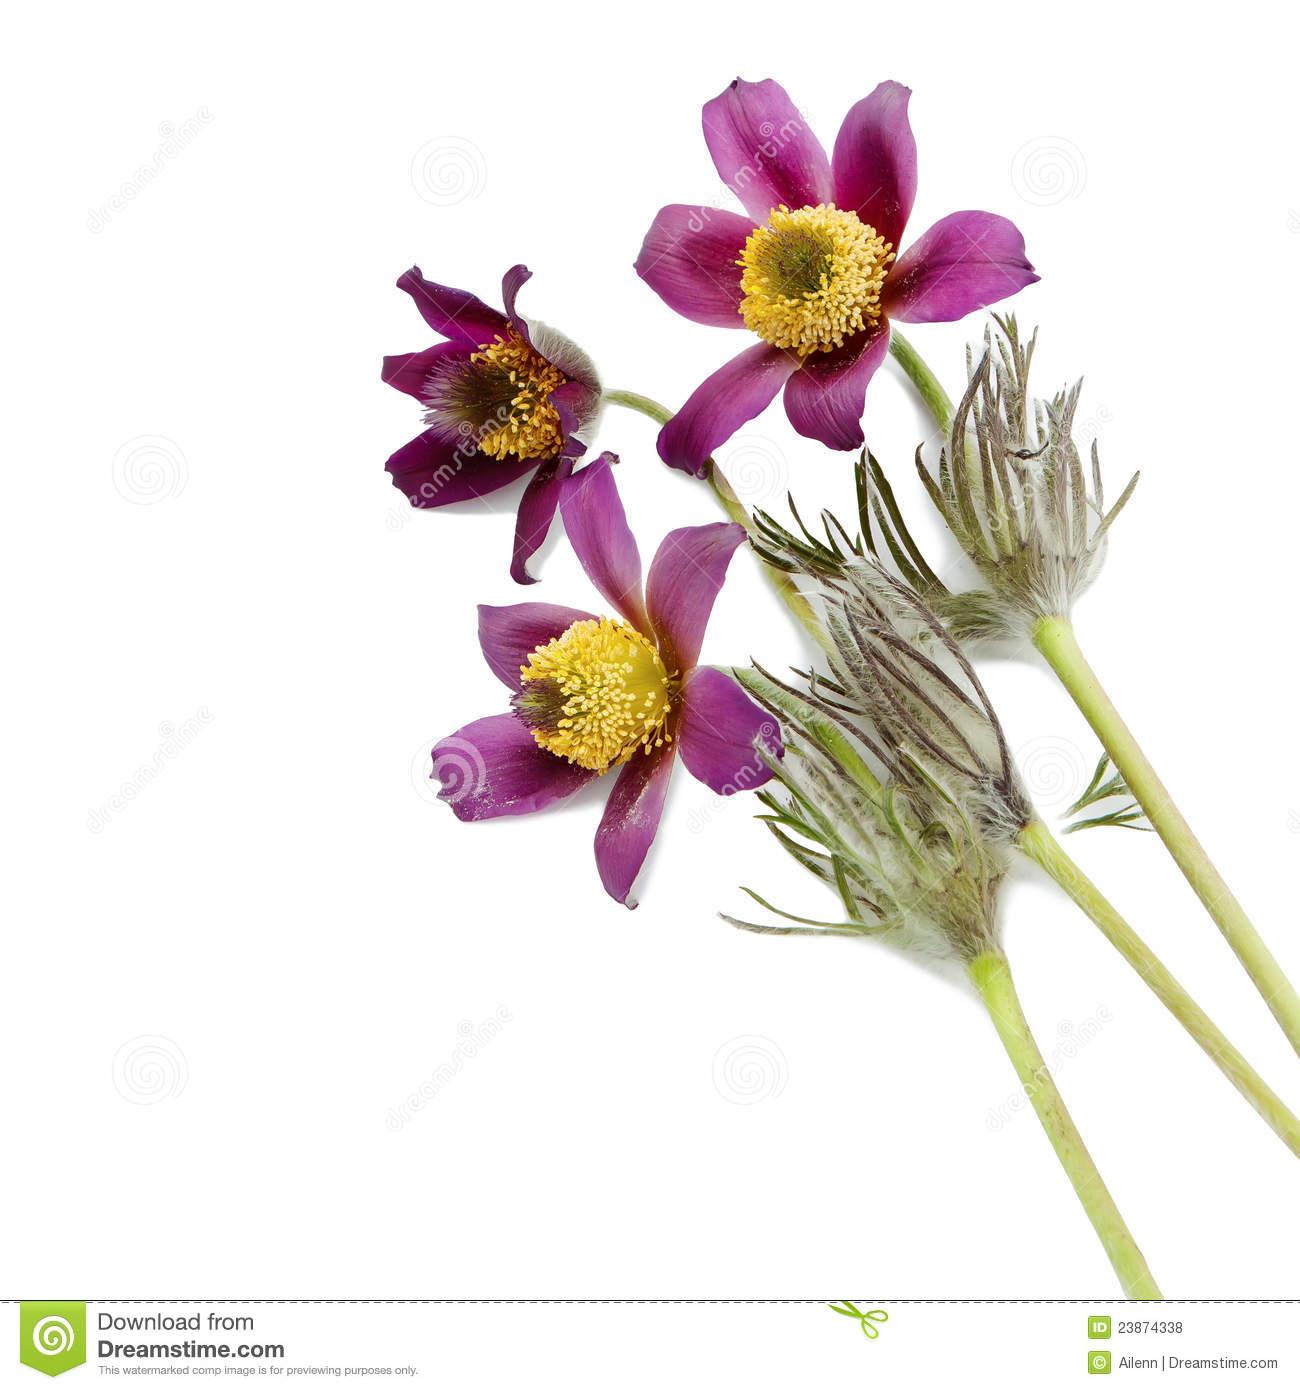 Pasque flower clipart #11